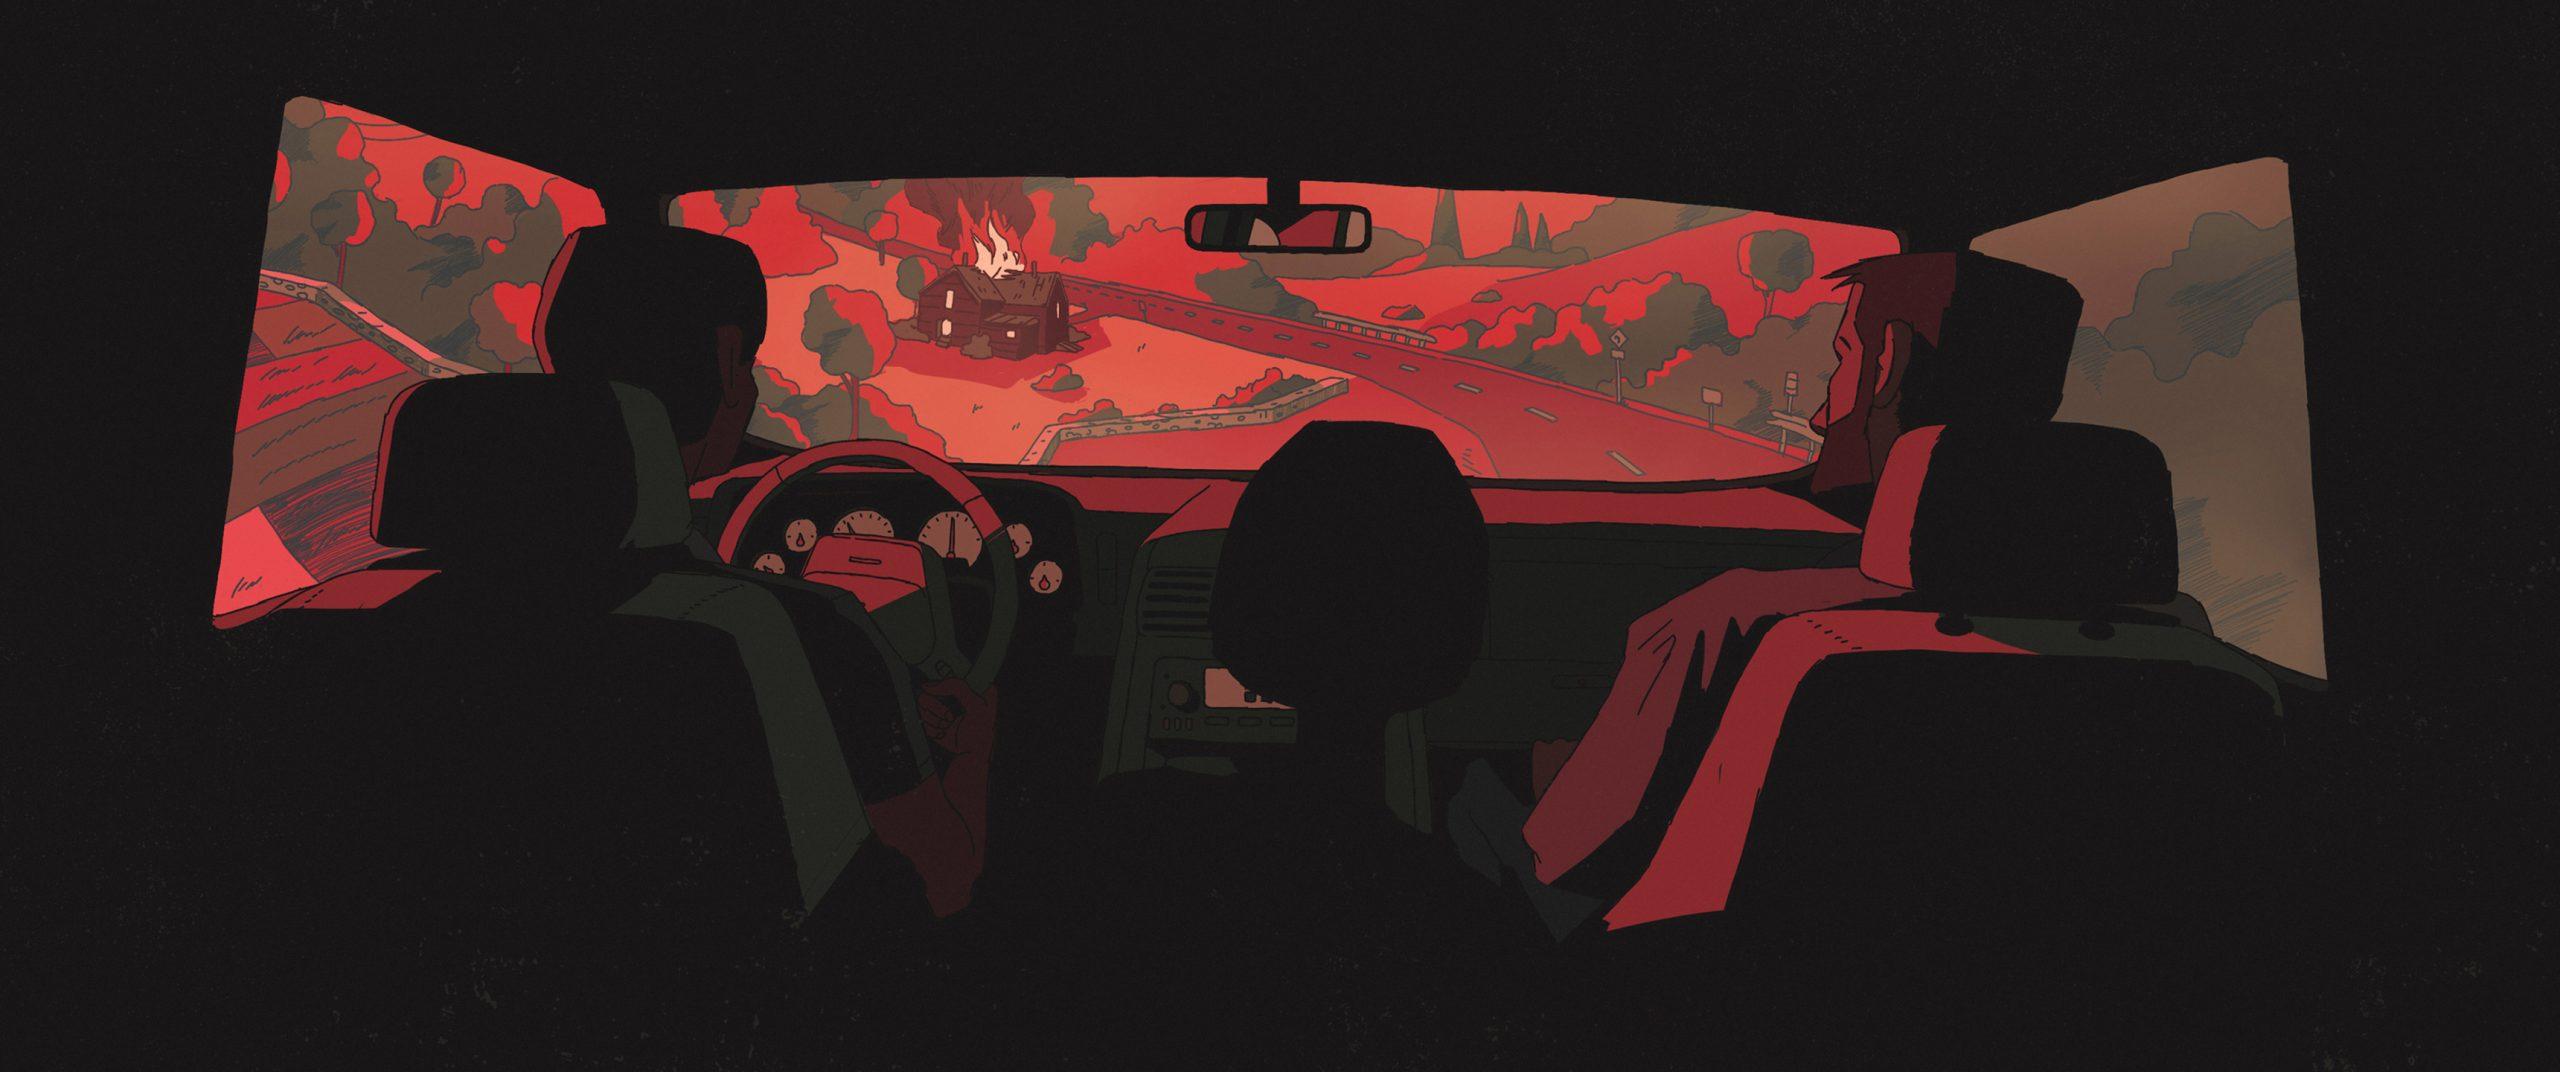 Арт: кадры из отменённого мультфильма повидеоигре The Last ofUs 10